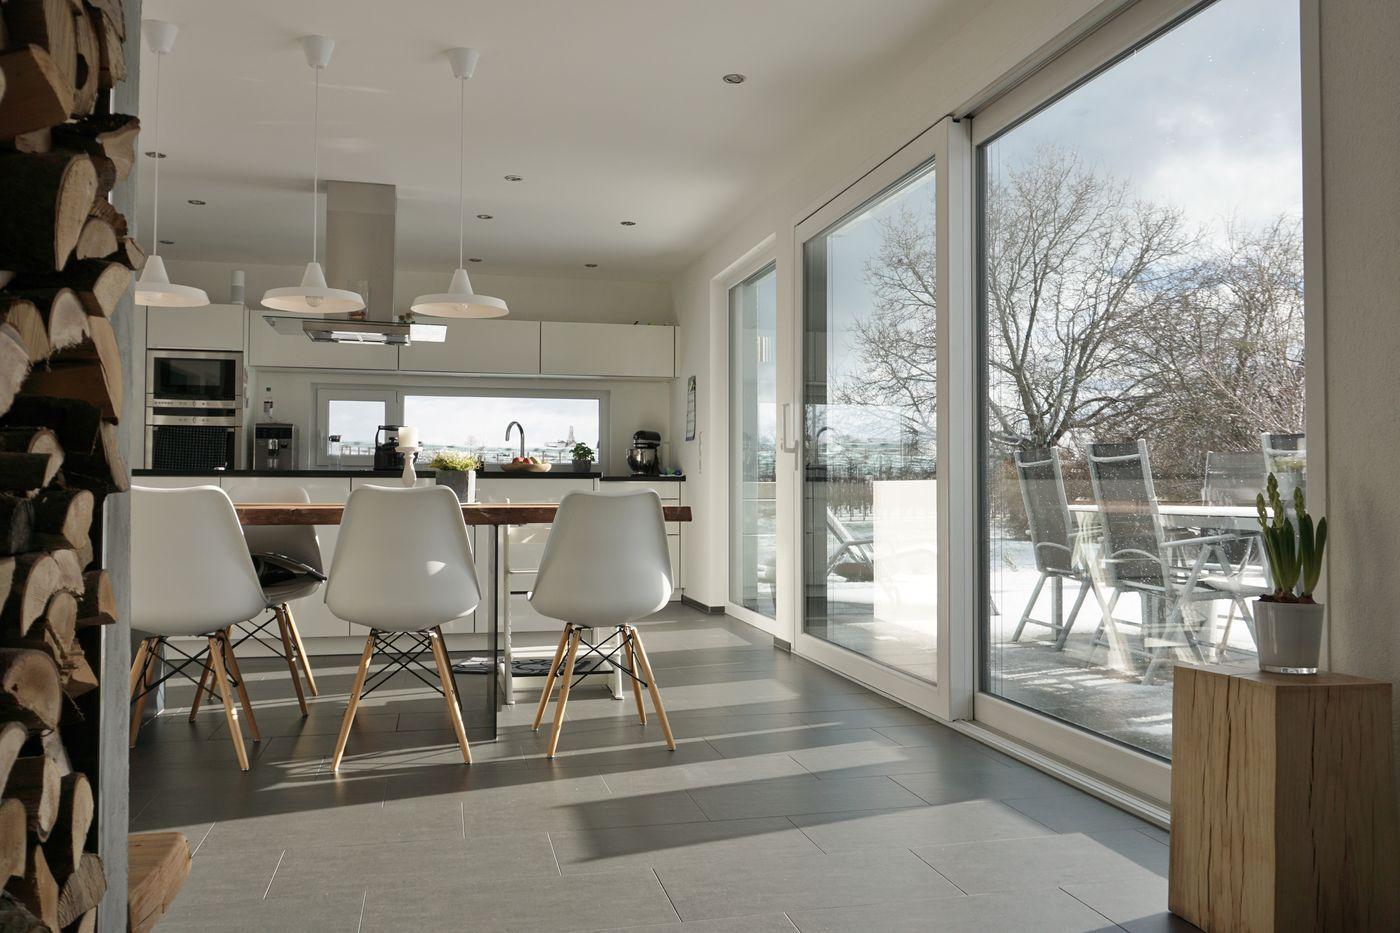 offene k chen ideen bilder seite 2. Black Bedroom Furniture Sets. Home Design Ideas